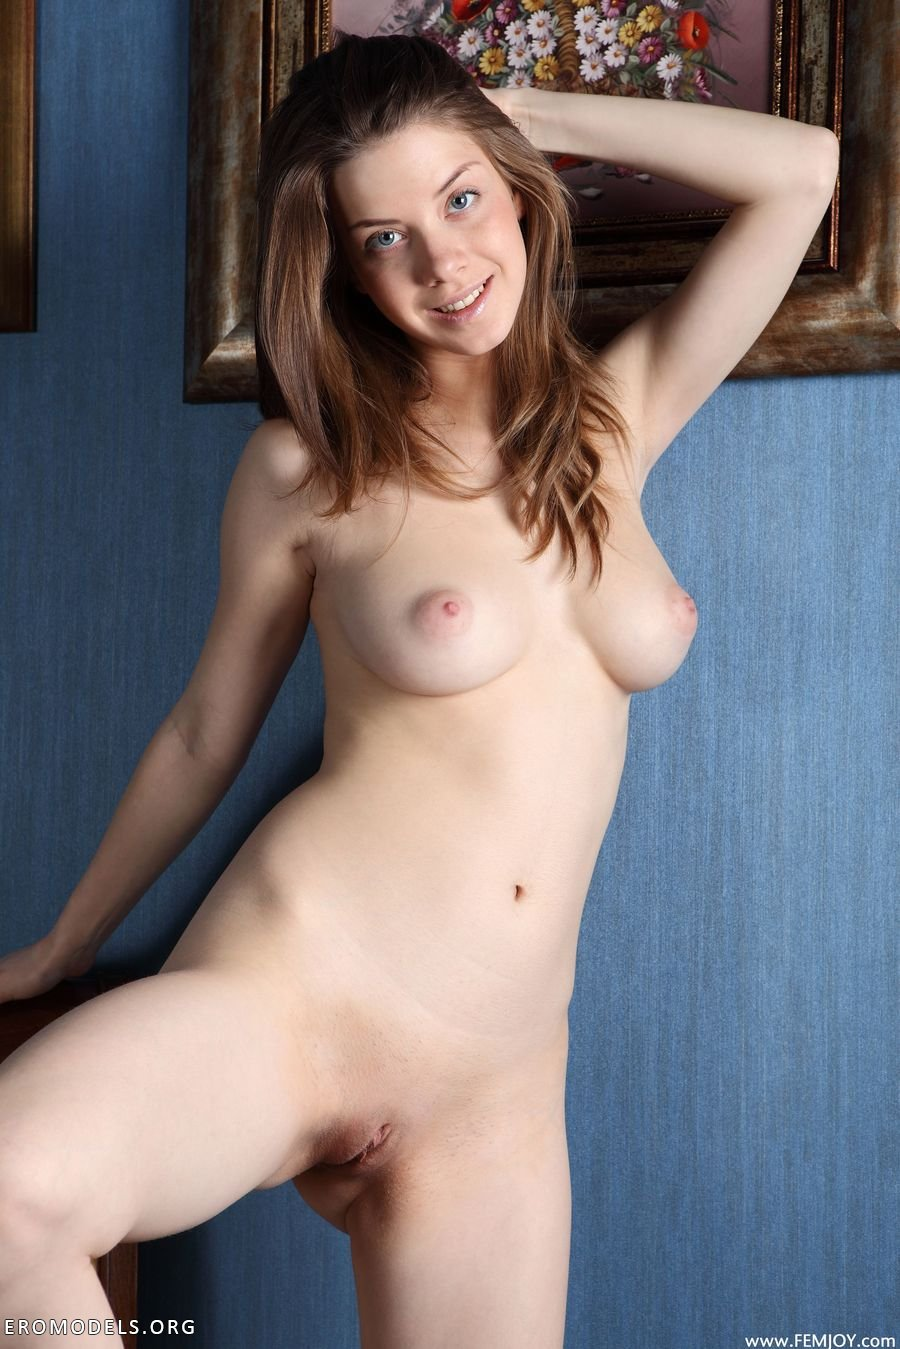 Русские девушки модели эротика 19 фотография